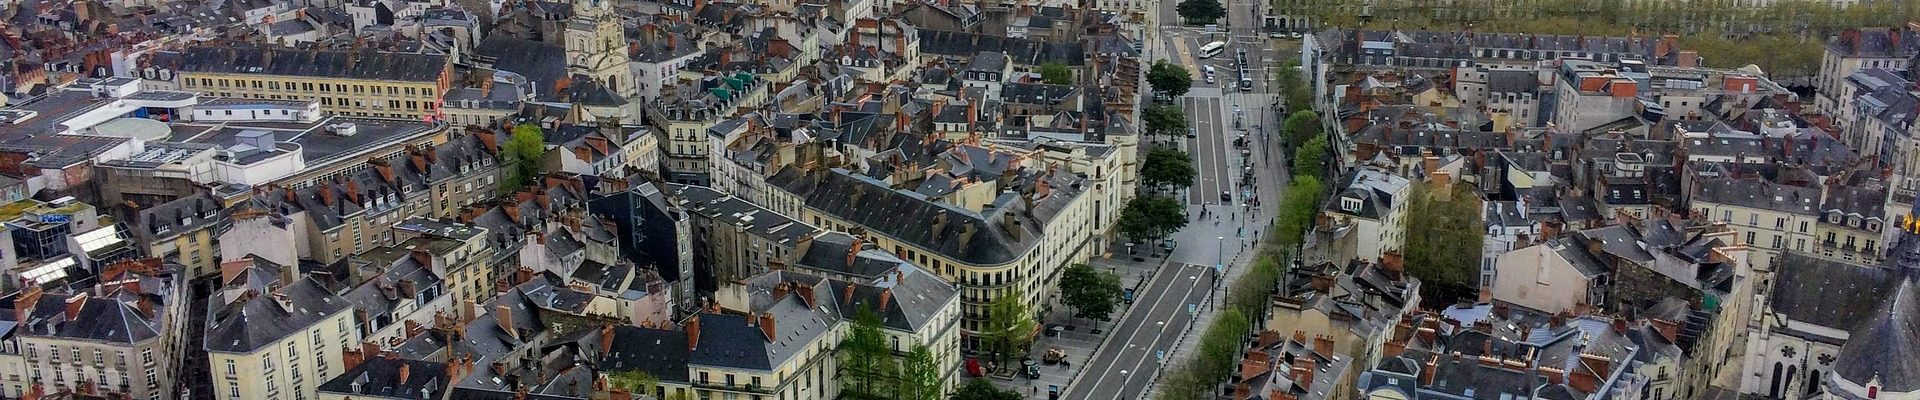 une vue aérienne de la ville de Nantes